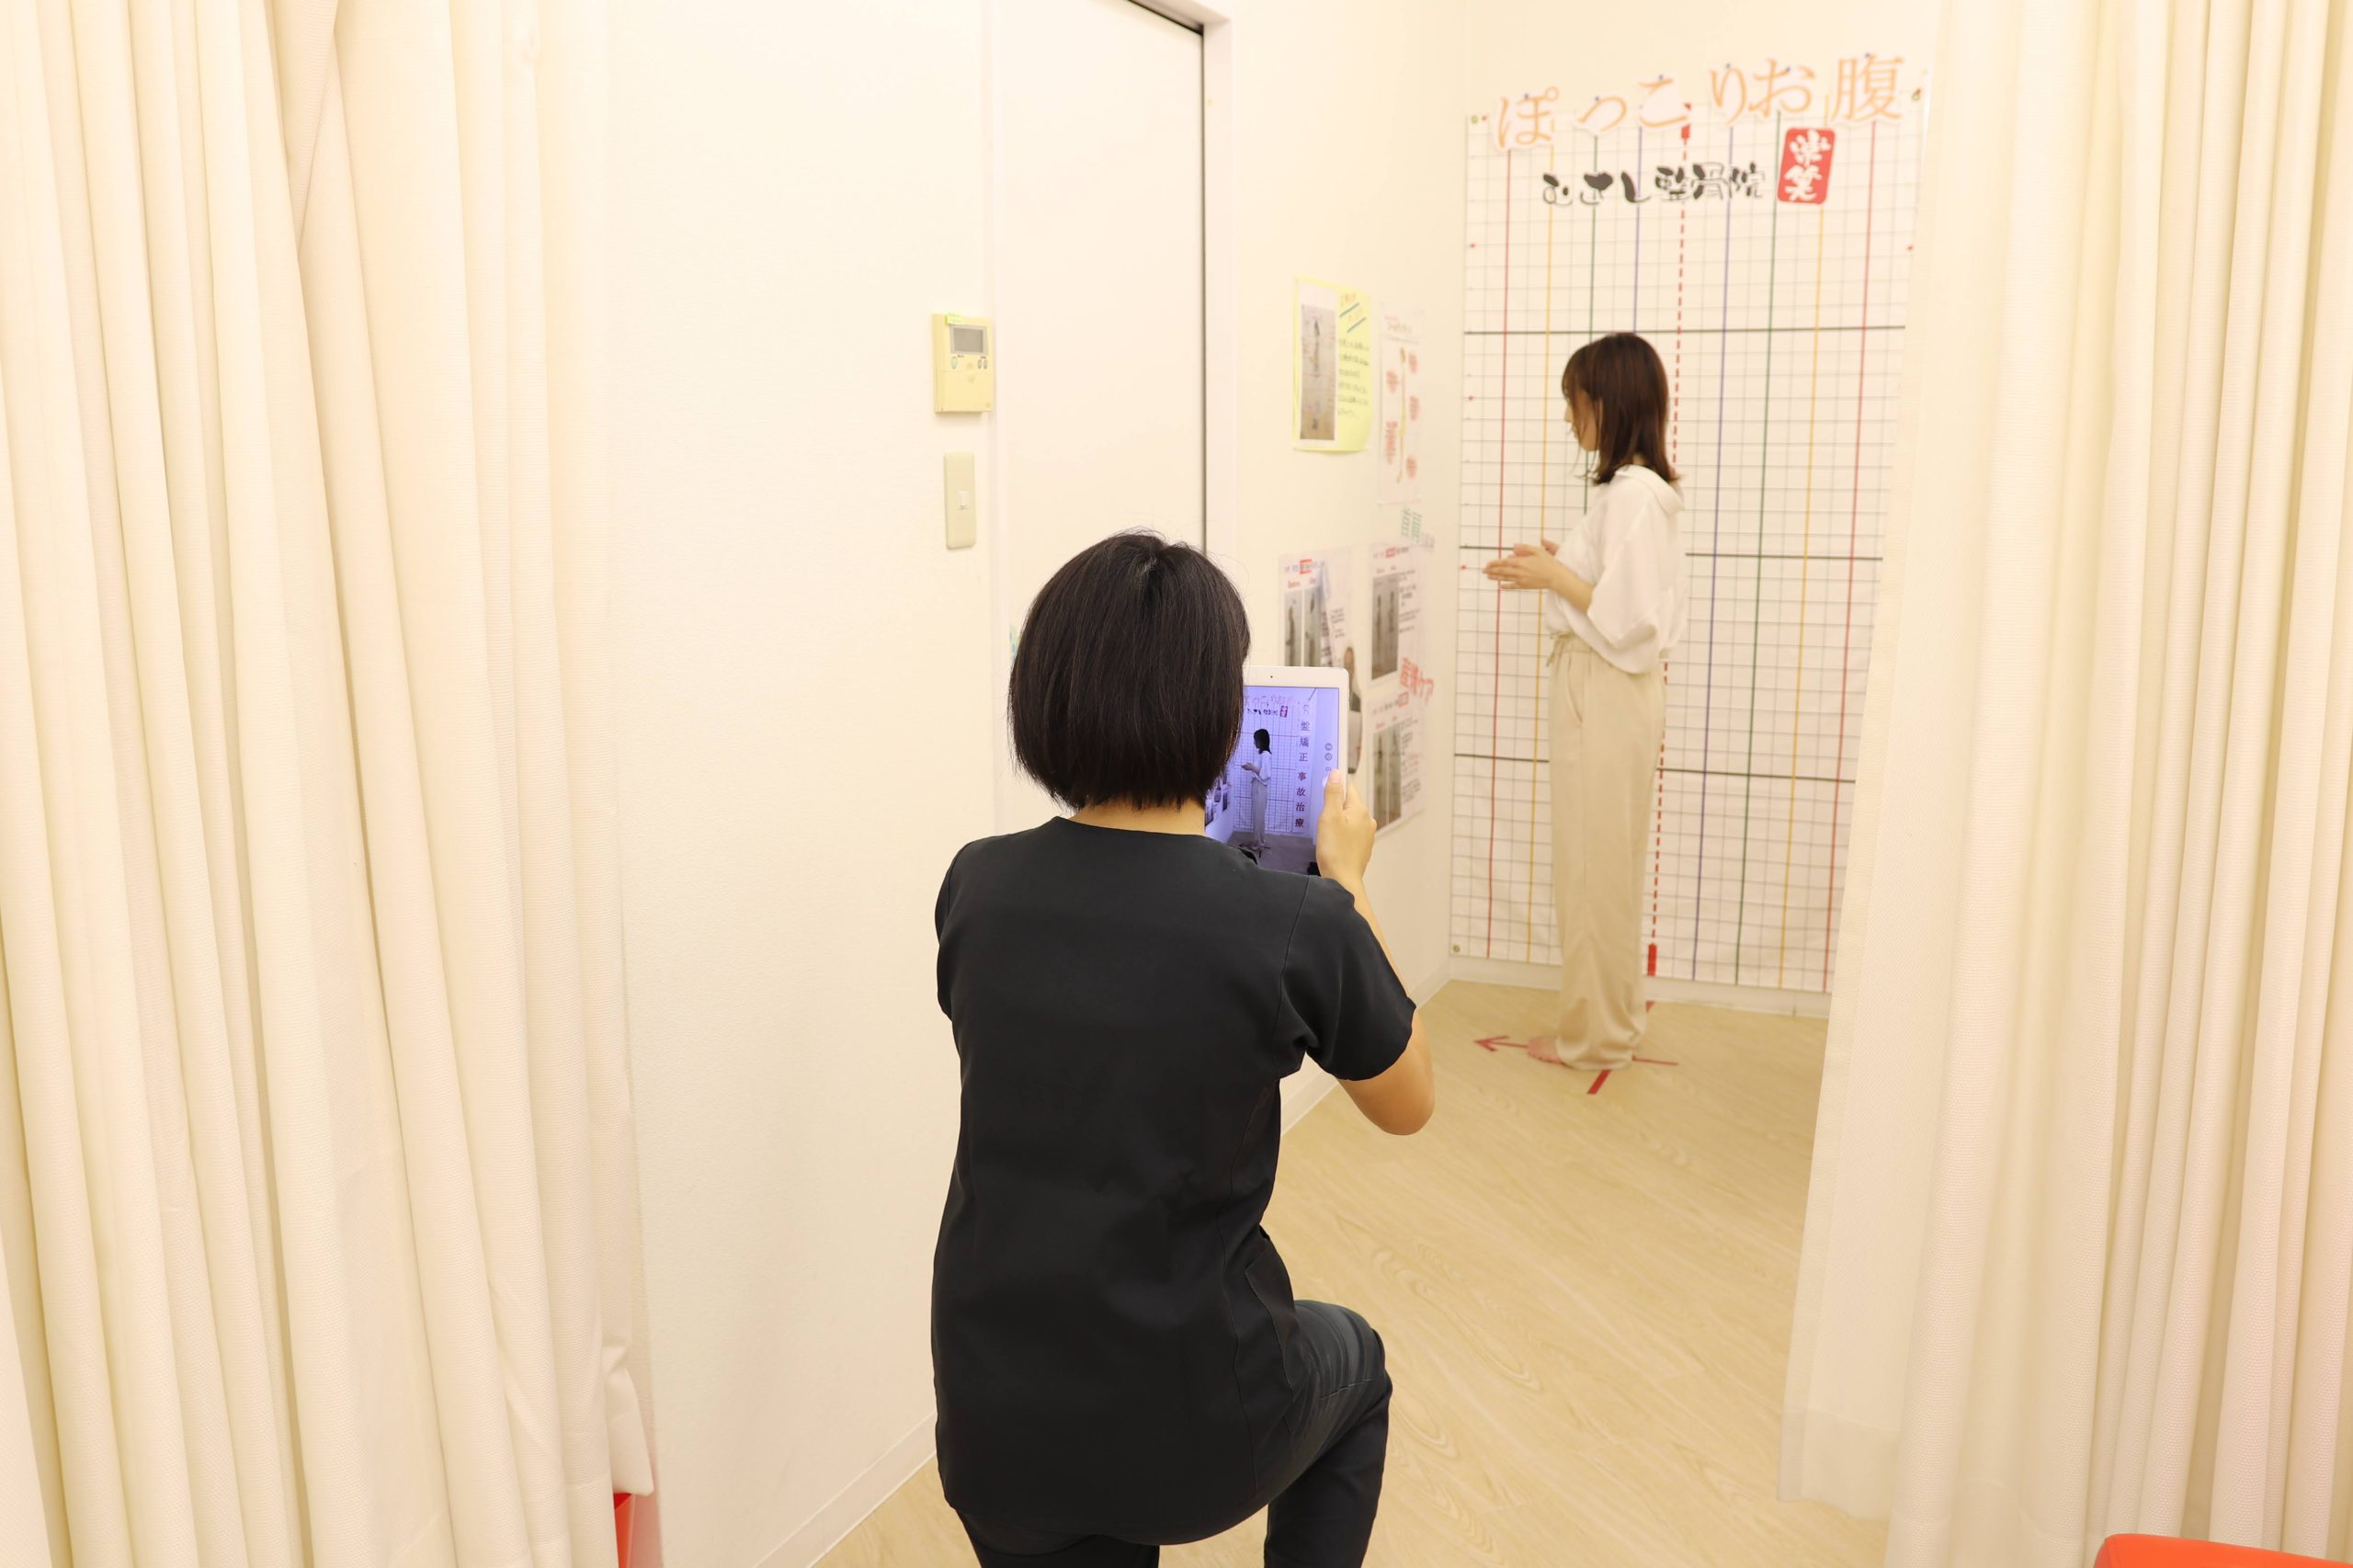 むさし鍼灸整骨院グループの検査写真